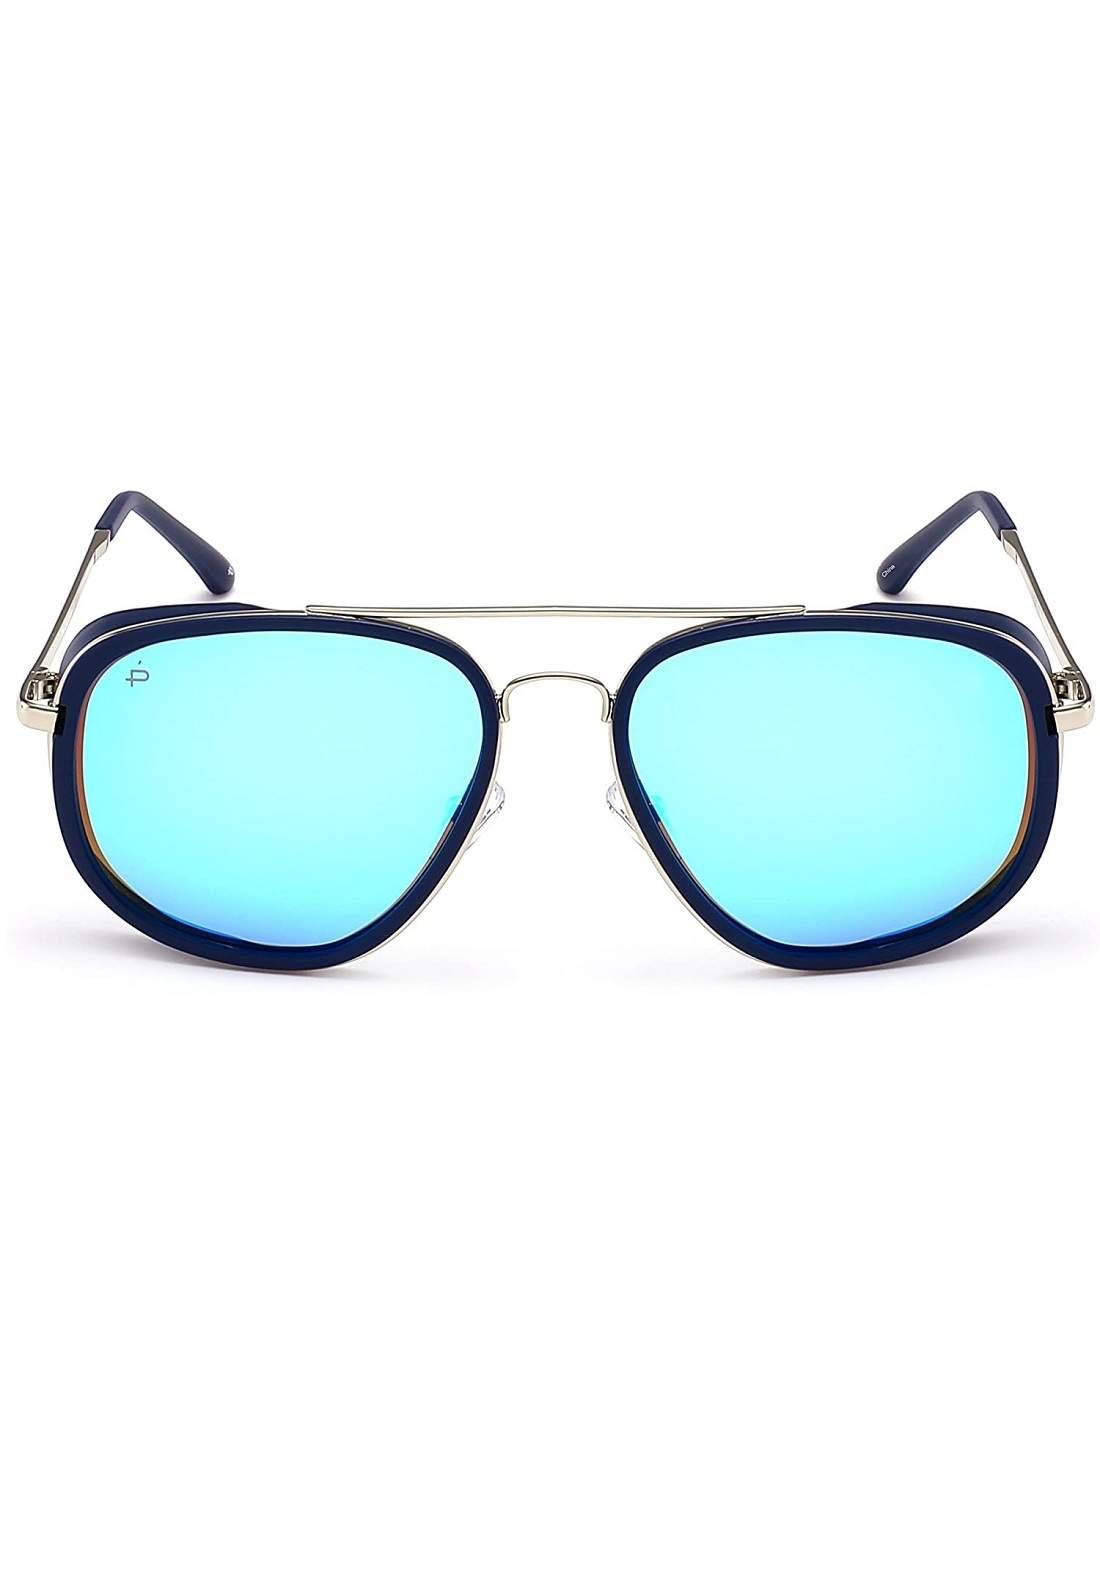 ازرق اللون Prive Revaux نظارات شمسية رجالية من